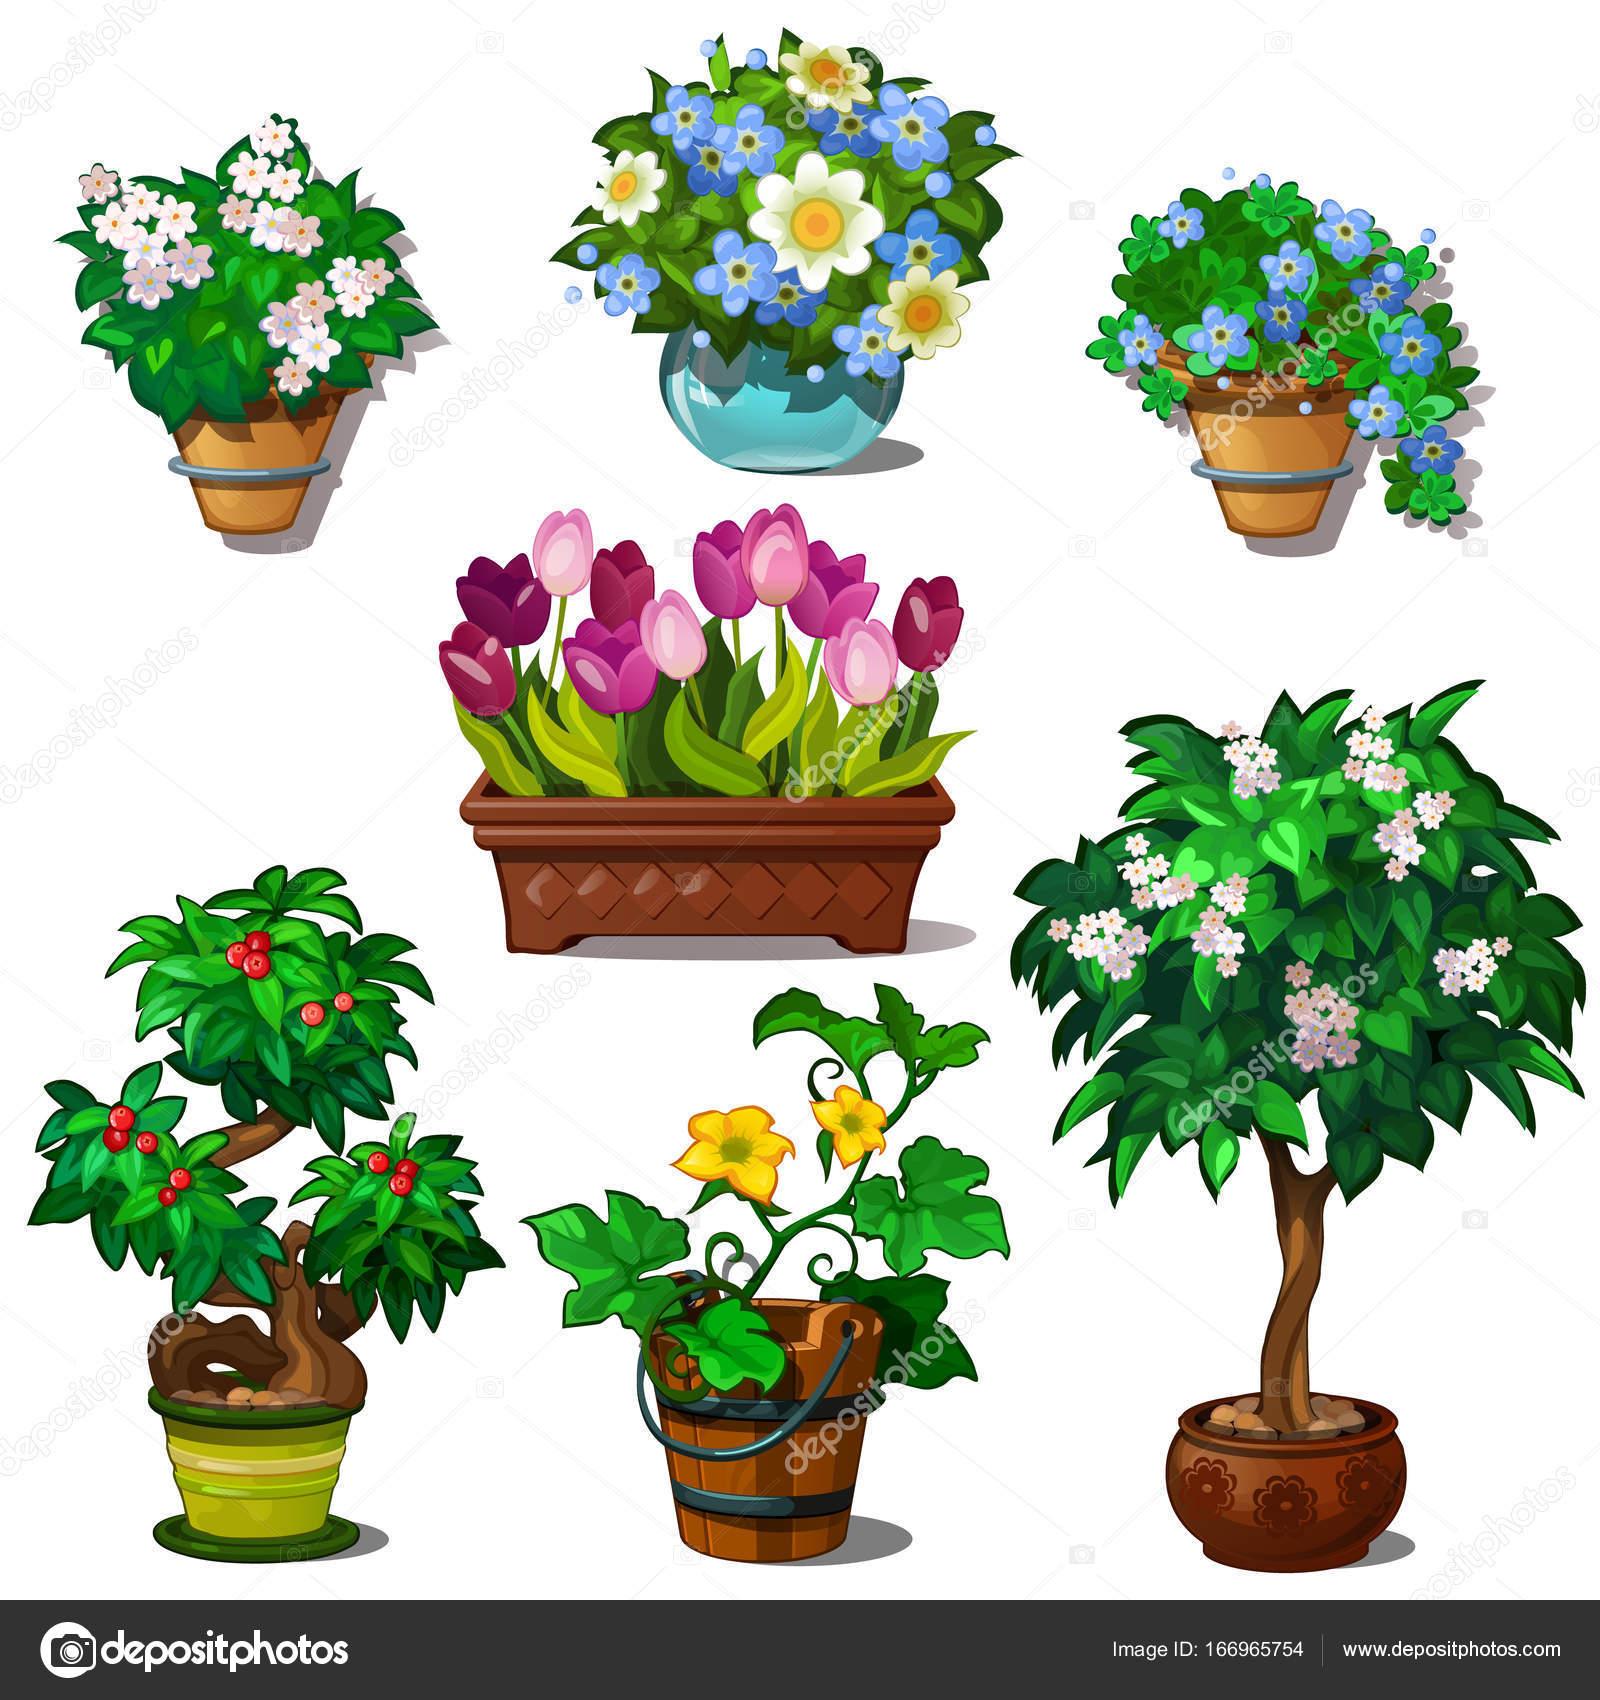 Dibujos animados plantas y flores siete im genes de for Arboles plantas y flores